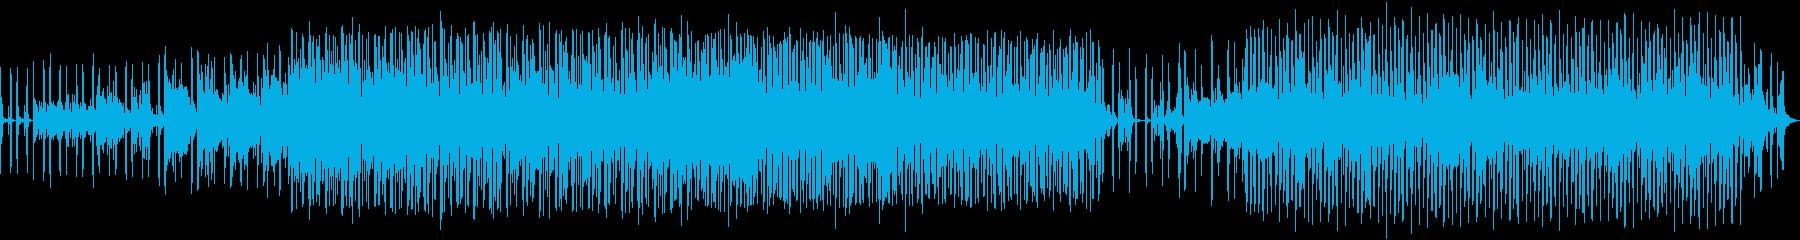 秋田発アーバンサウンドの再生済みの波形